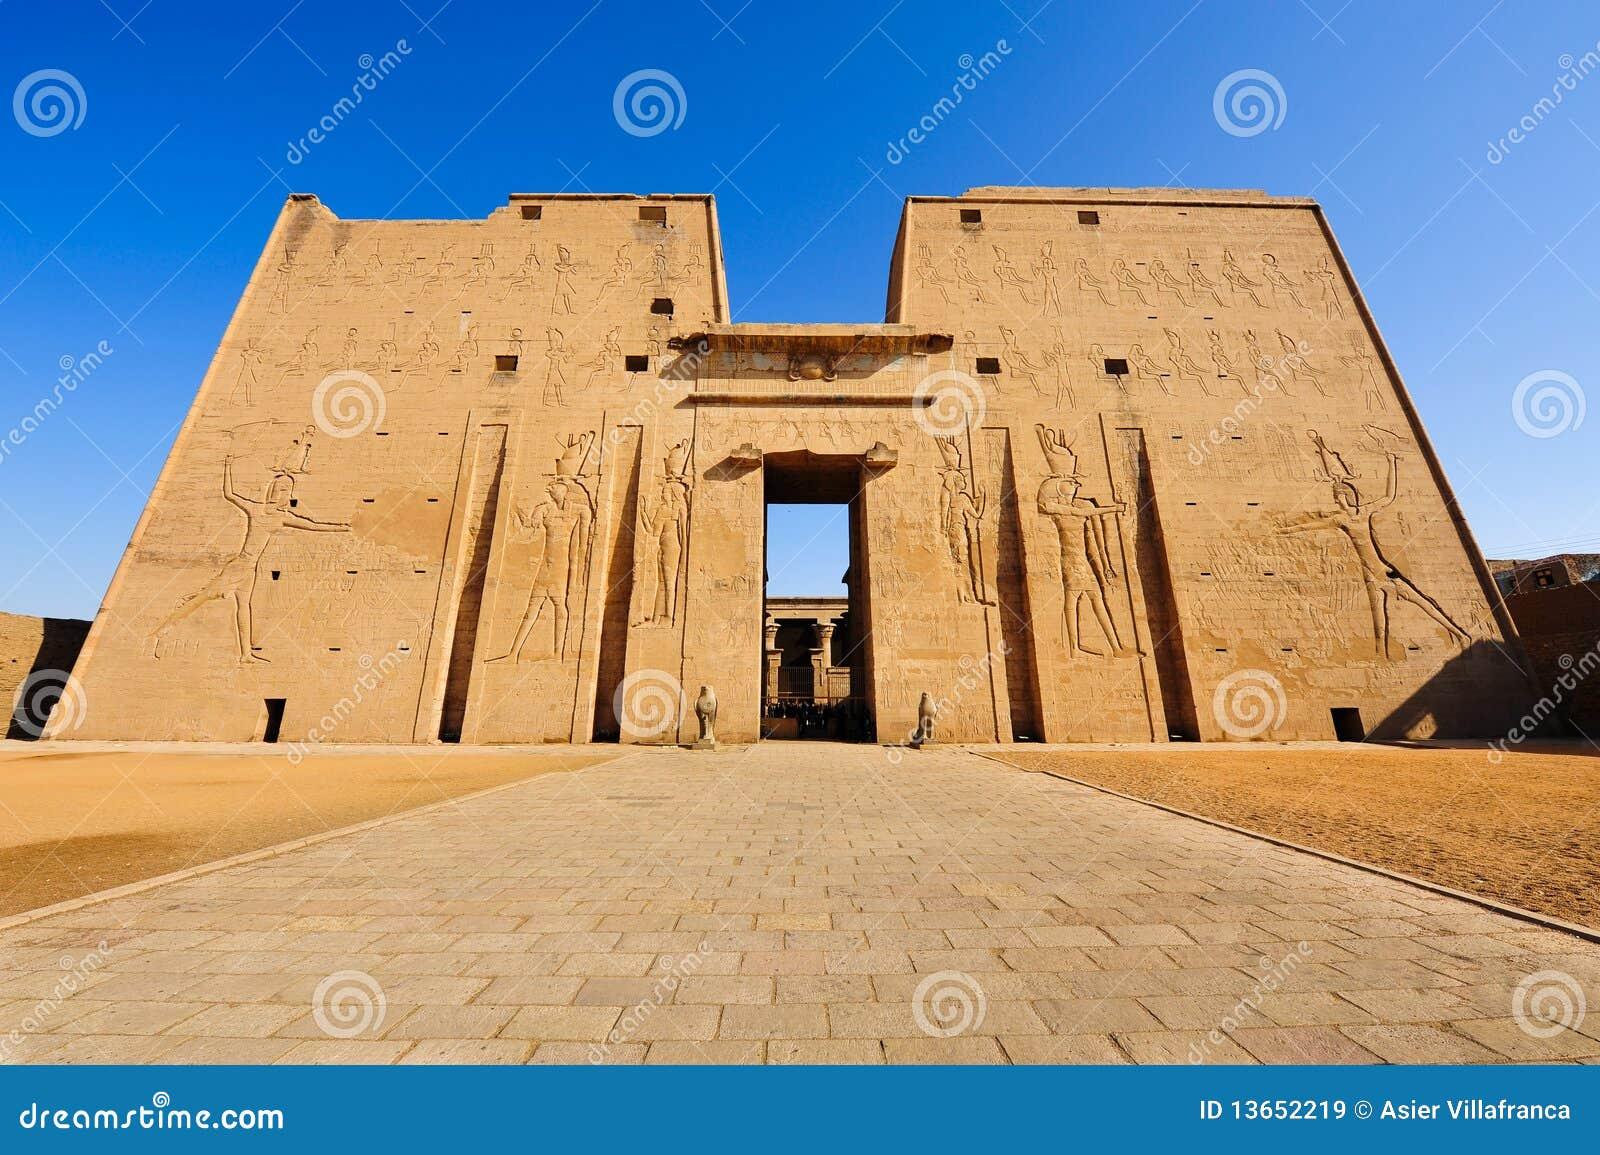 Edfu埃及horus寺庙